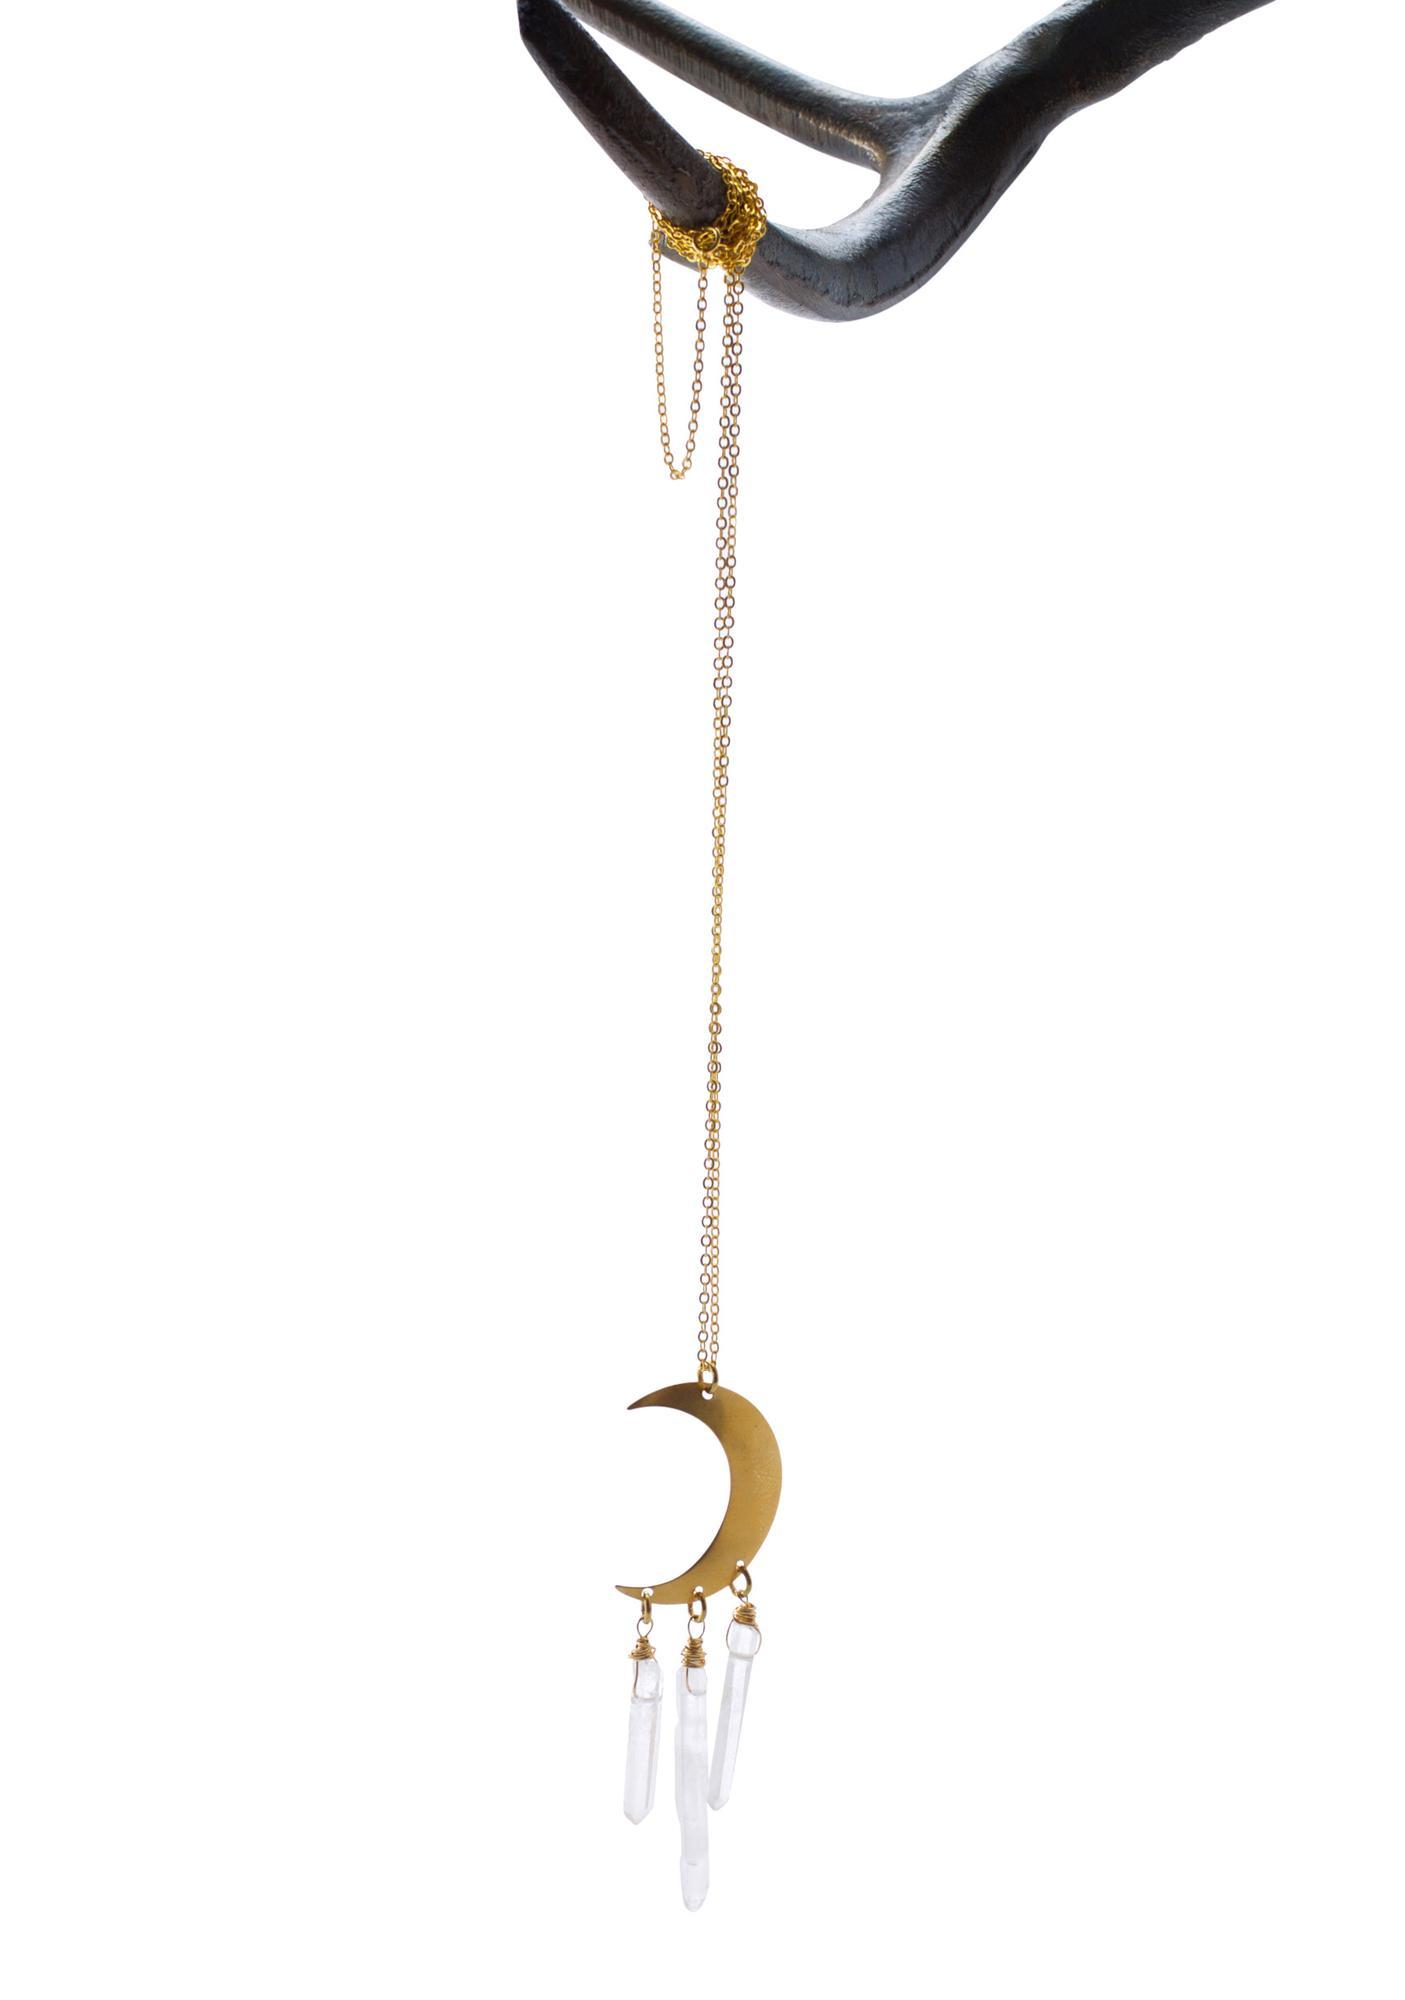 Ebb & Flow Moon Catcher Quartz Necklace